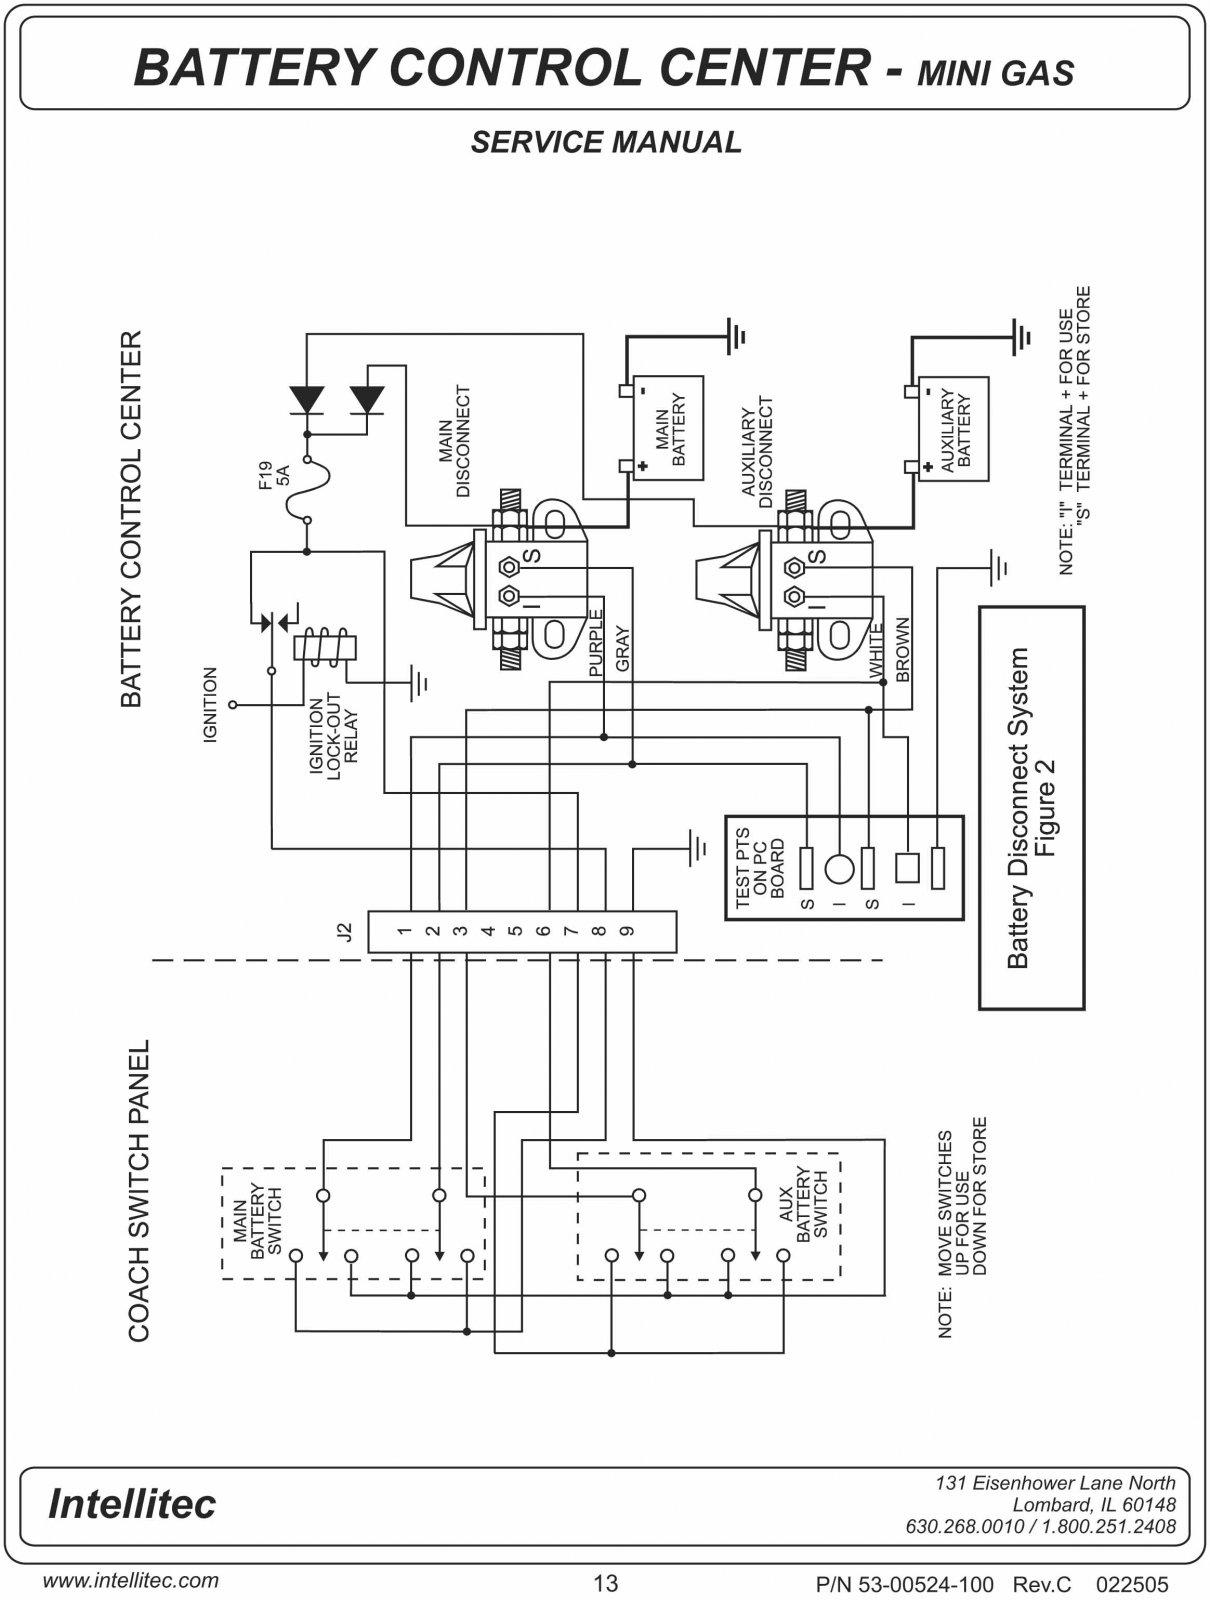 Holiday rambler rv wiring diagram #12 Holiday Rambler RV Invertor Wiring-Diagram RV Electrical Wiring National Guard Wiring Diagram